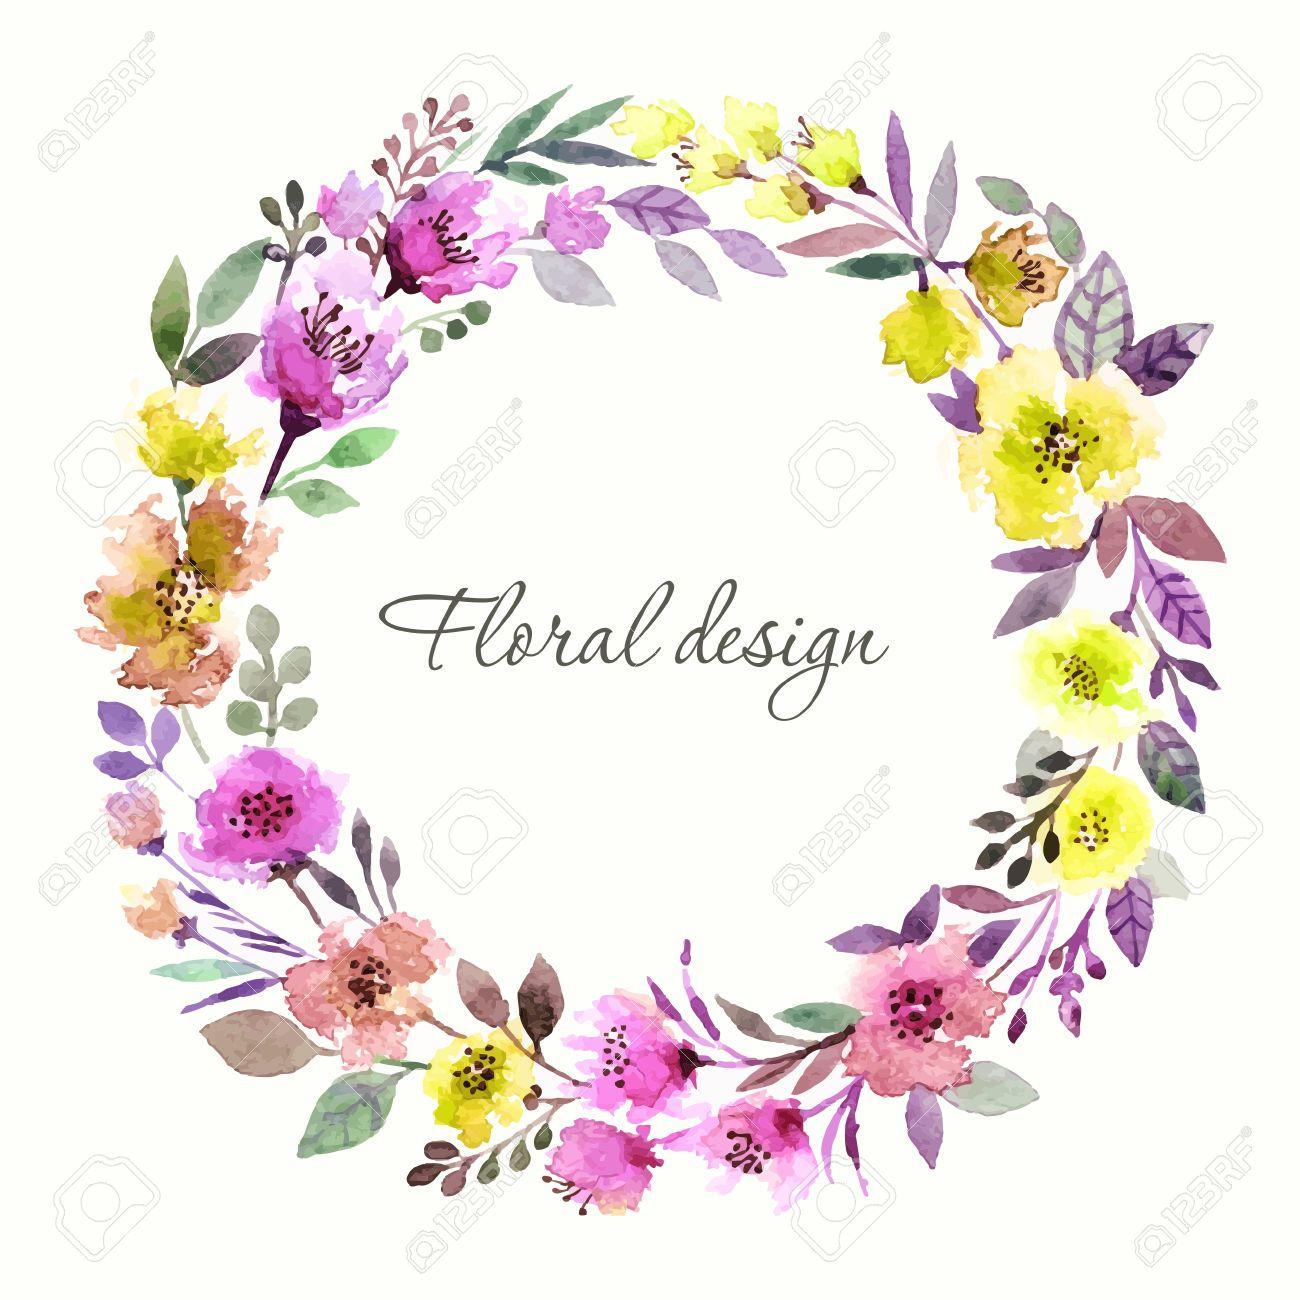 banque dimages couronne de fleurs invitation mariage ou carte danniversaire floral frame fond daquarelle avec des fleurs